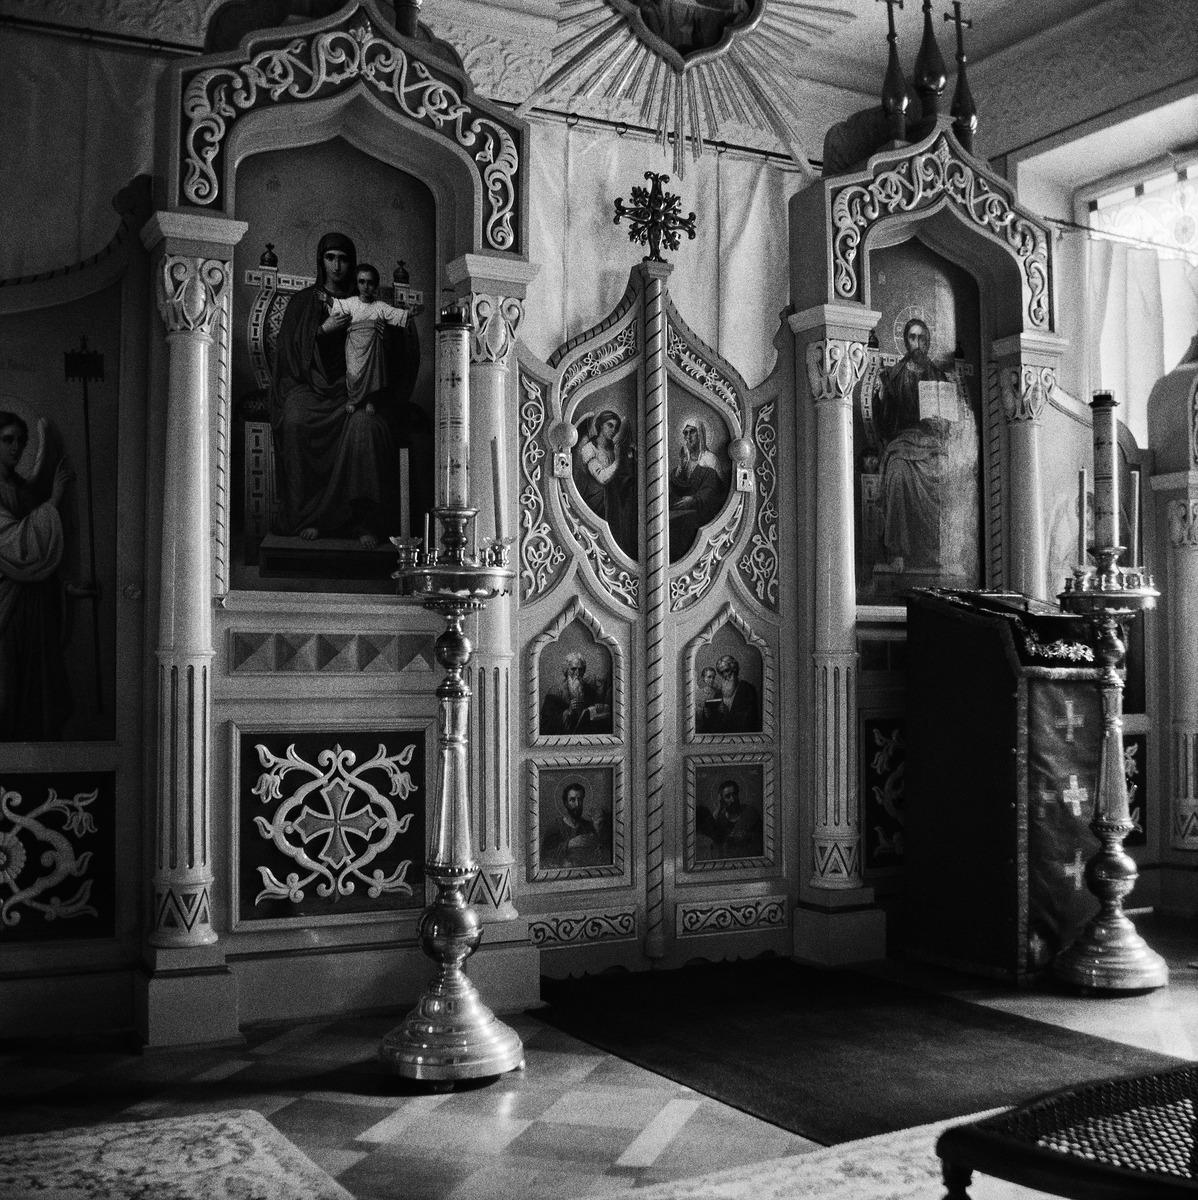 Ikonostaasi kenraalikuvernöörin talon kotikirkosta Etelä-Esplanaadikadulla (Eteläesplanadilla)